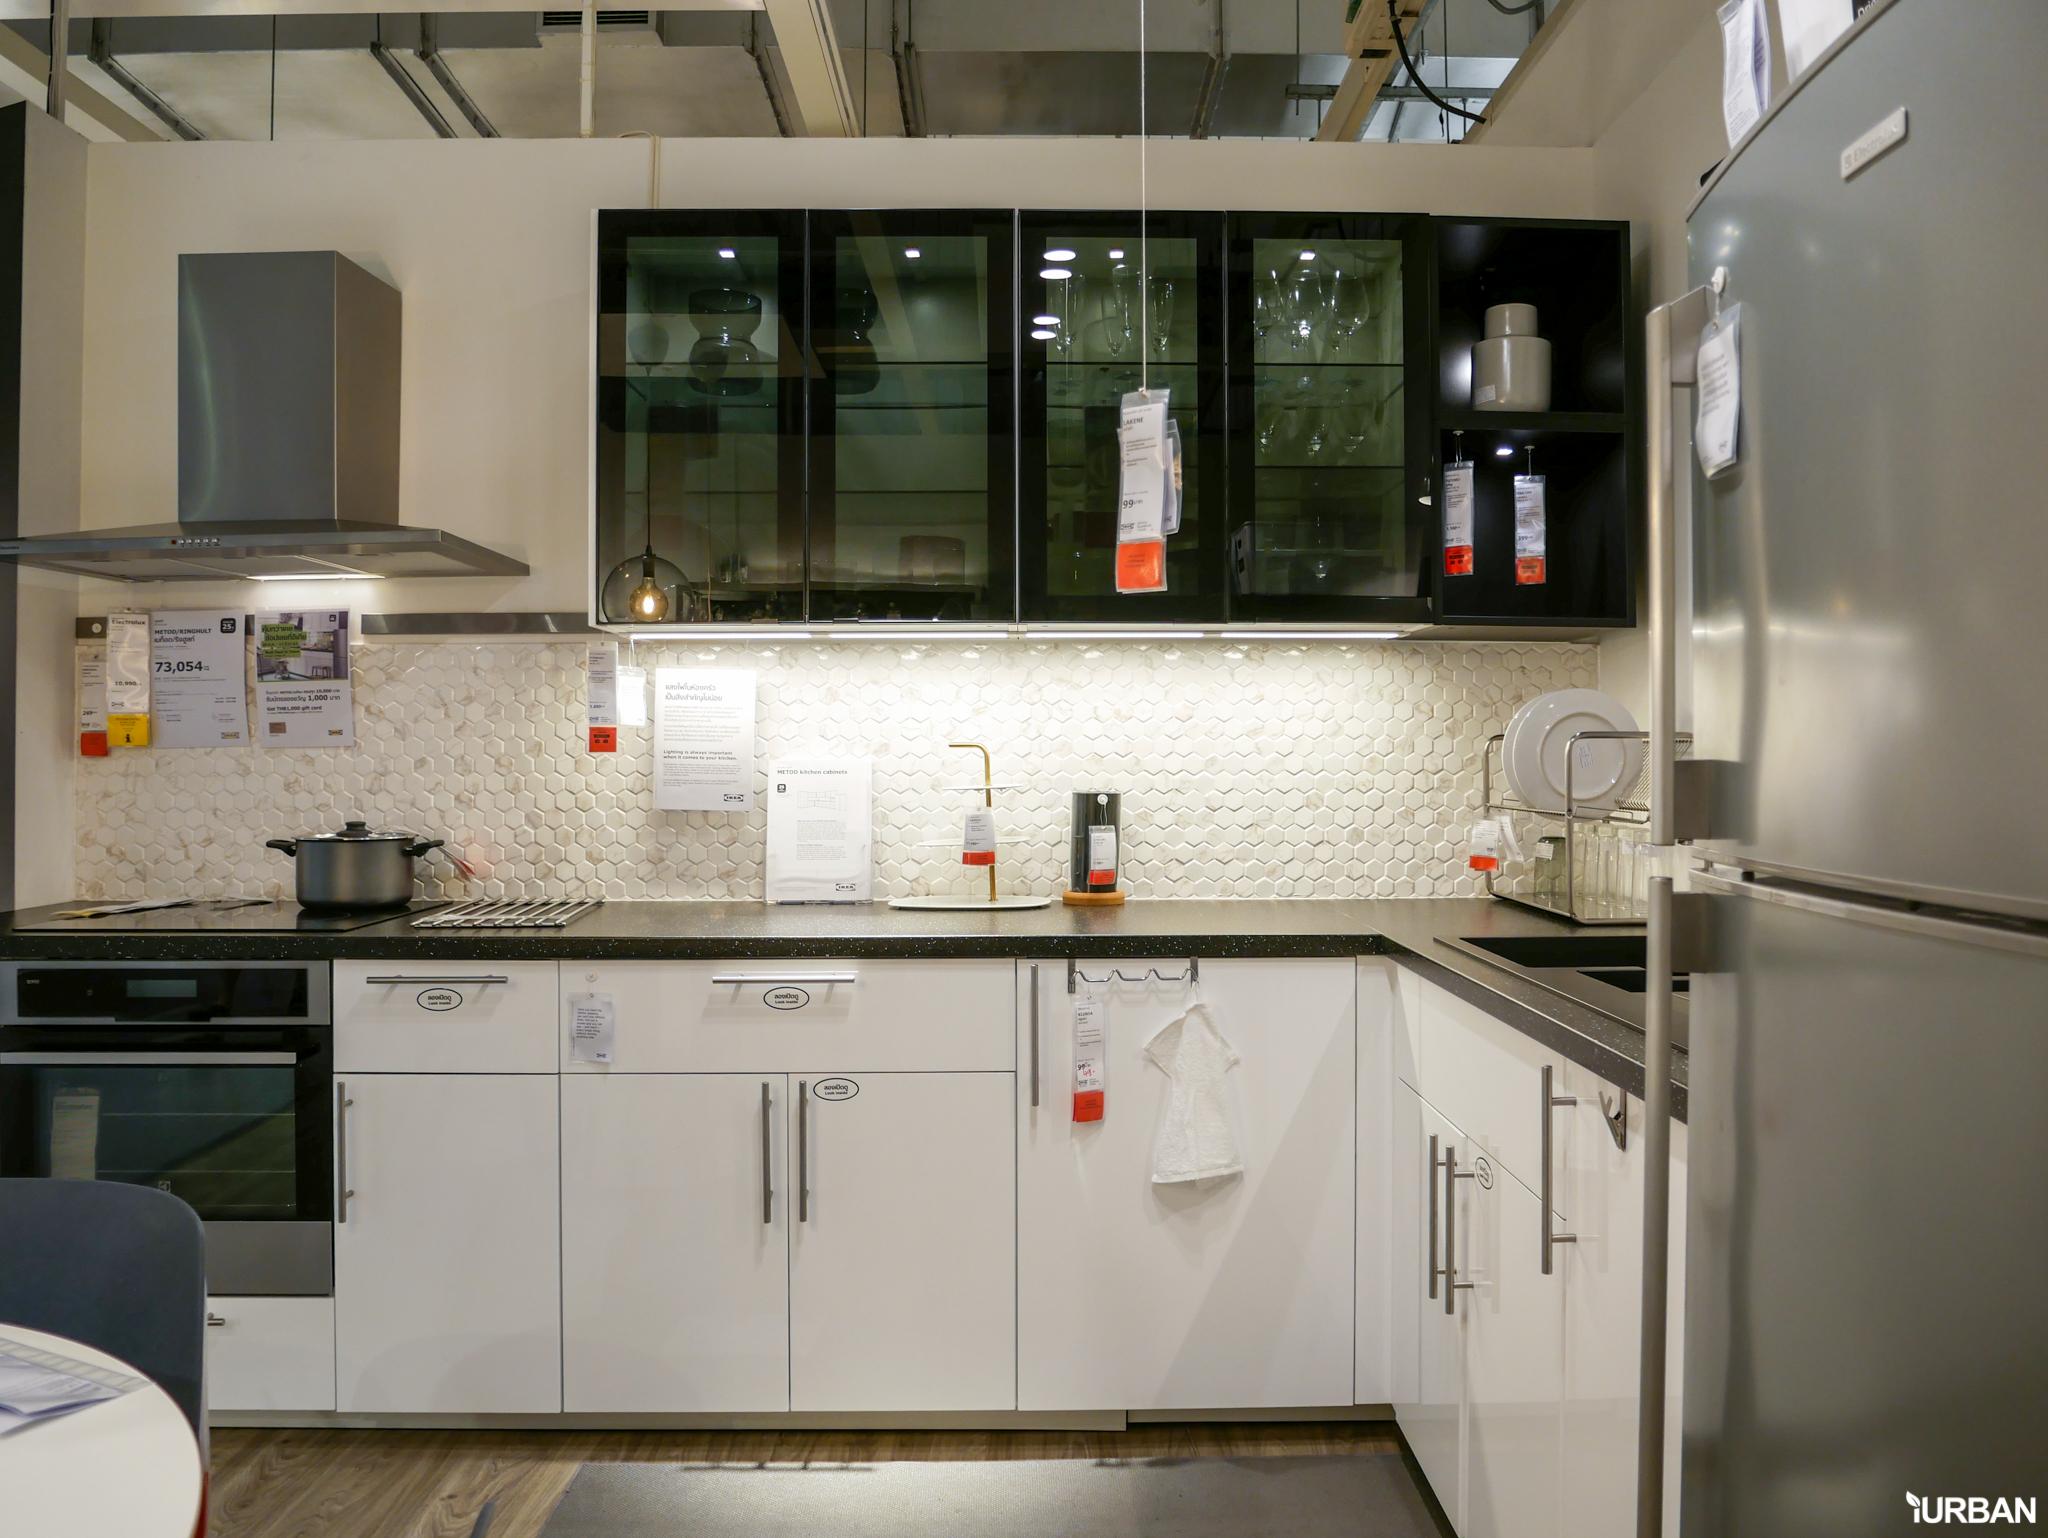 9 เหตุผลที่คนเลือกชุดครัวอิเกีย และโอกาสที่จะมีครัวในฝัน IKEA METOD/เมท็อด โปรนี้ดีที่สุดแล้ว #ถึง17มีนา 55 - IKEA (อิเกีย)